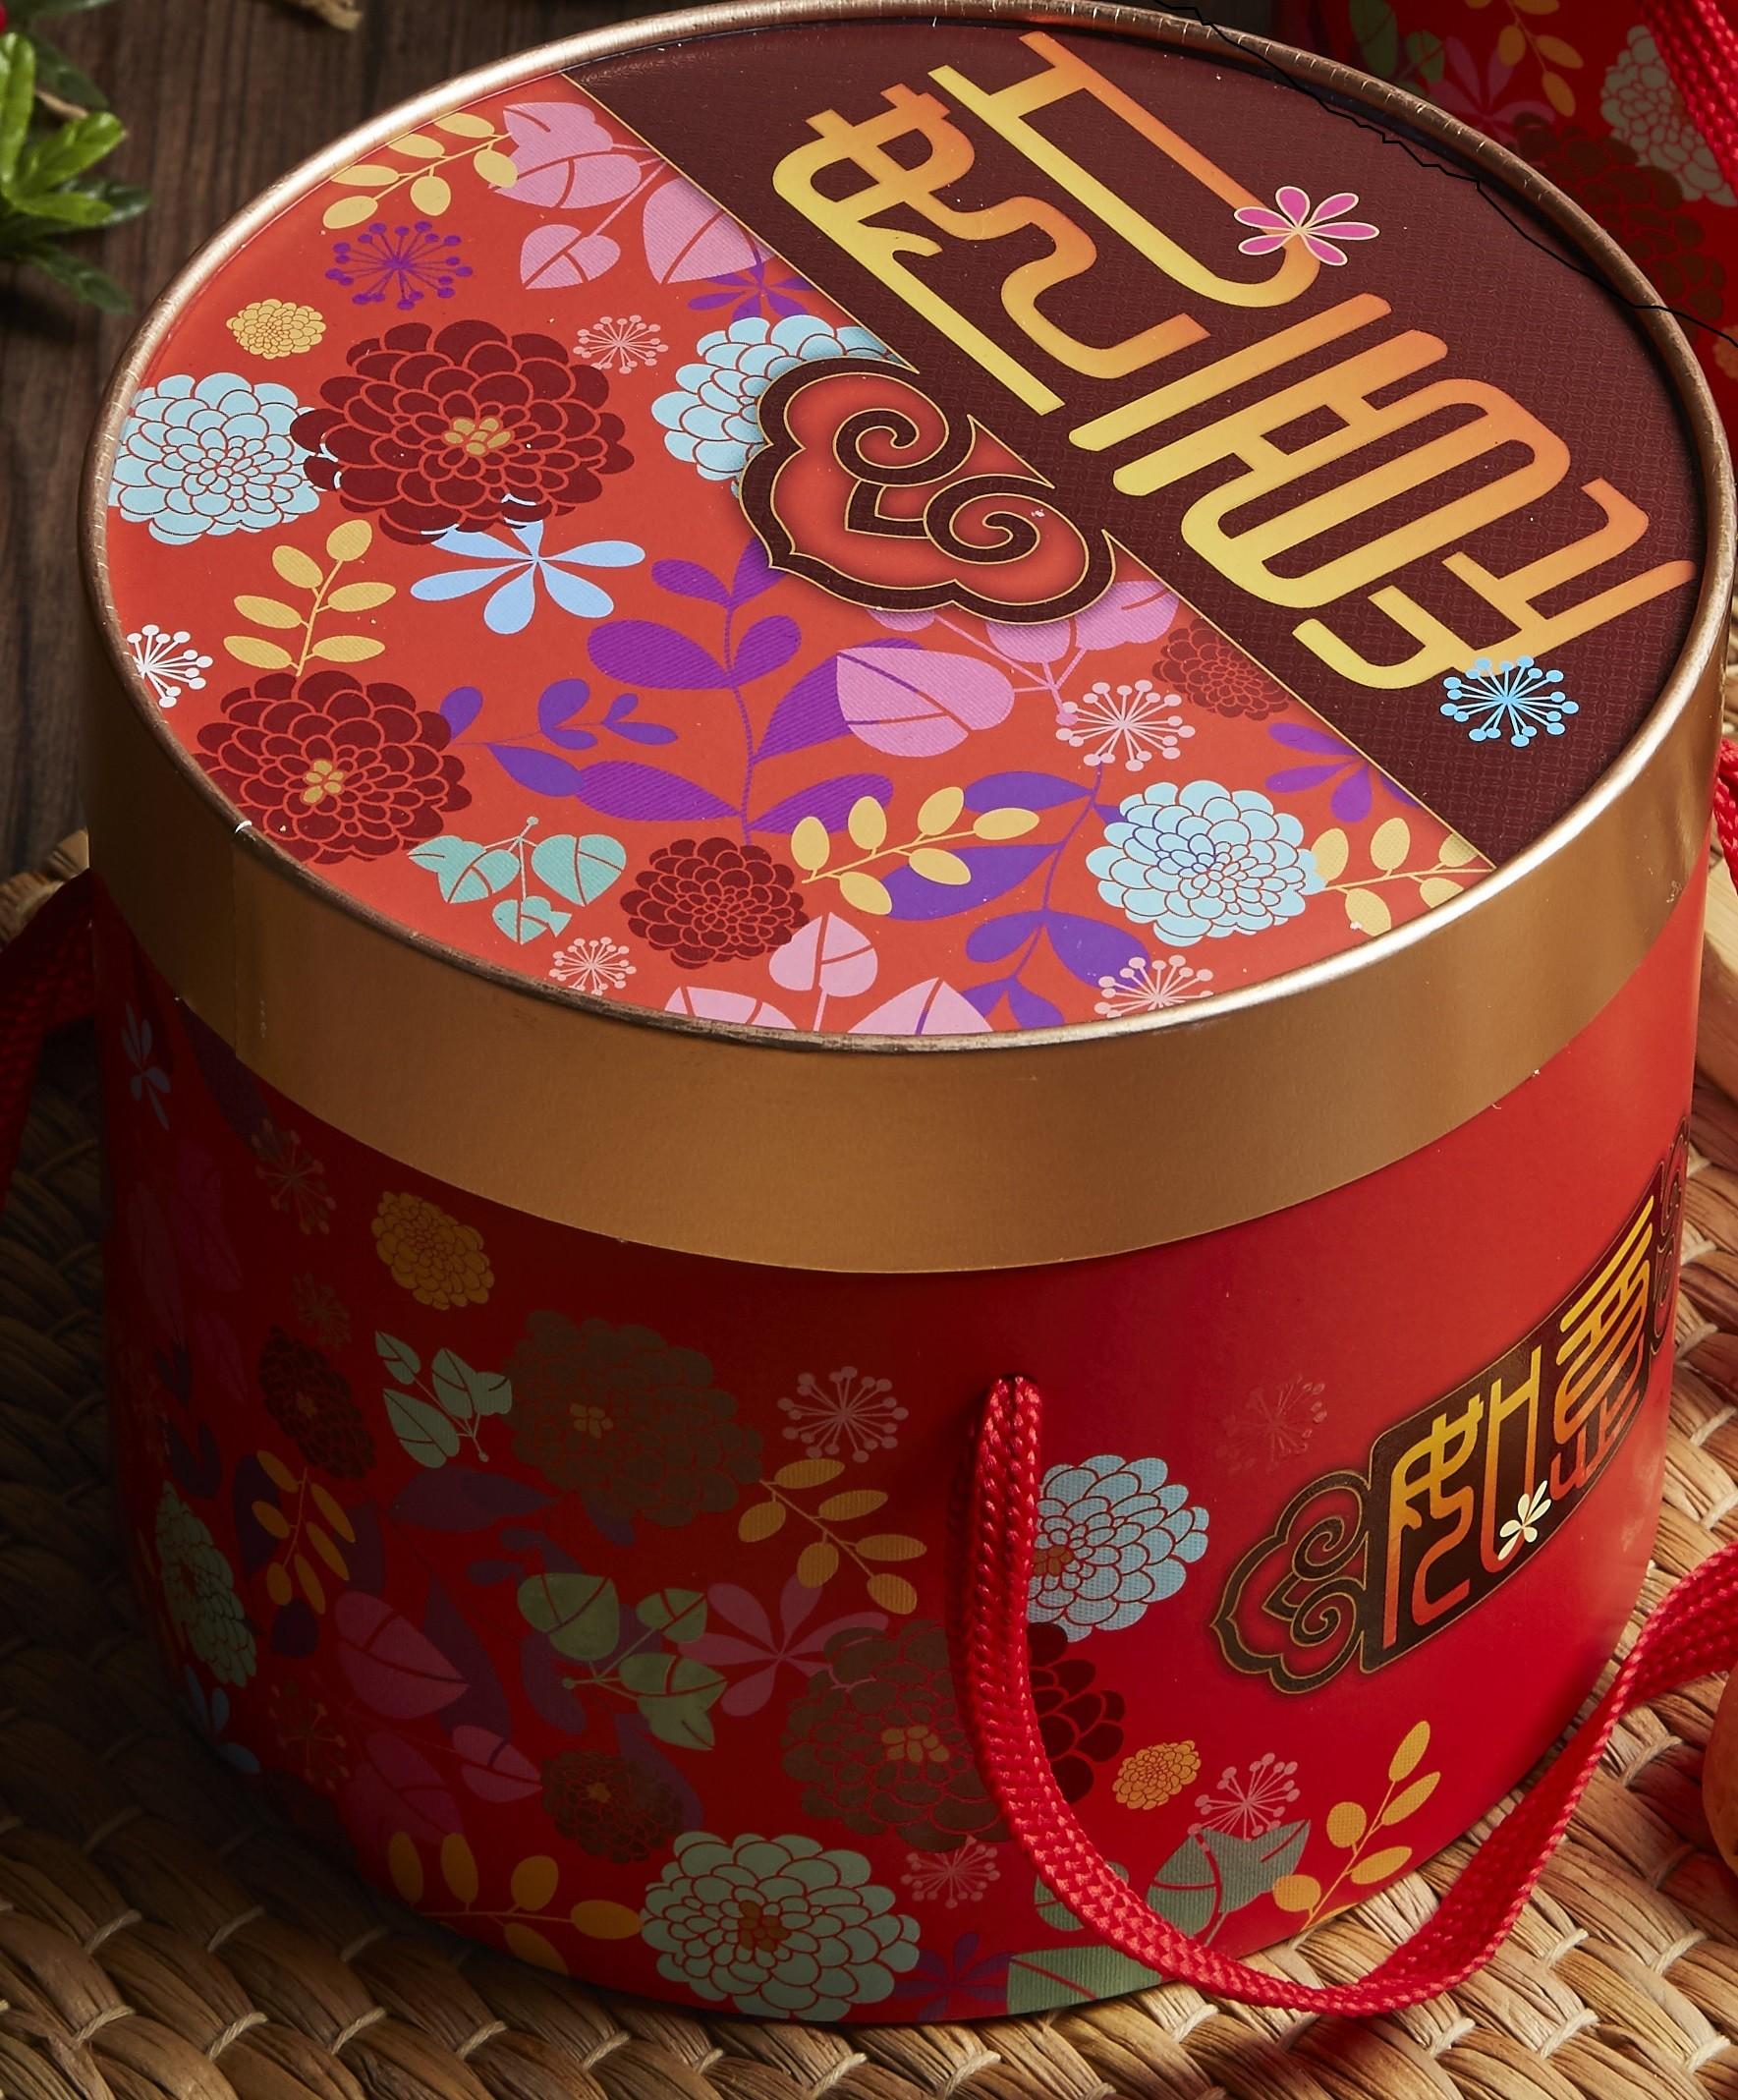 新年禮盒-如意花圓